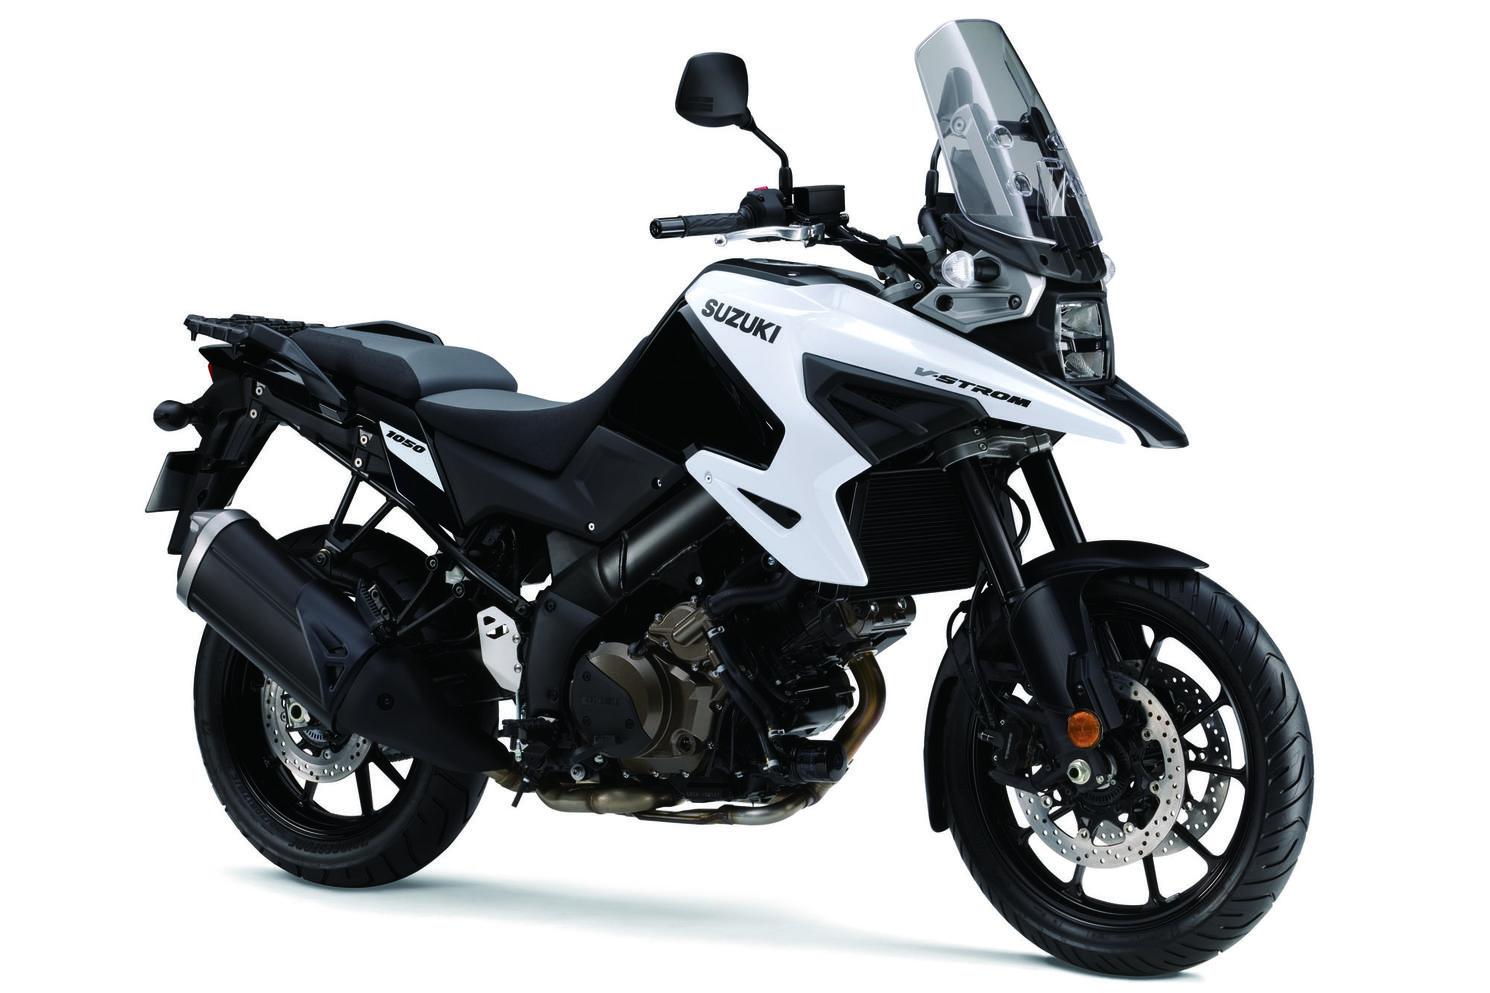 2020 Suzuki V-Strom 1050A Glass Sparkle Black/Pearl Brilliant White